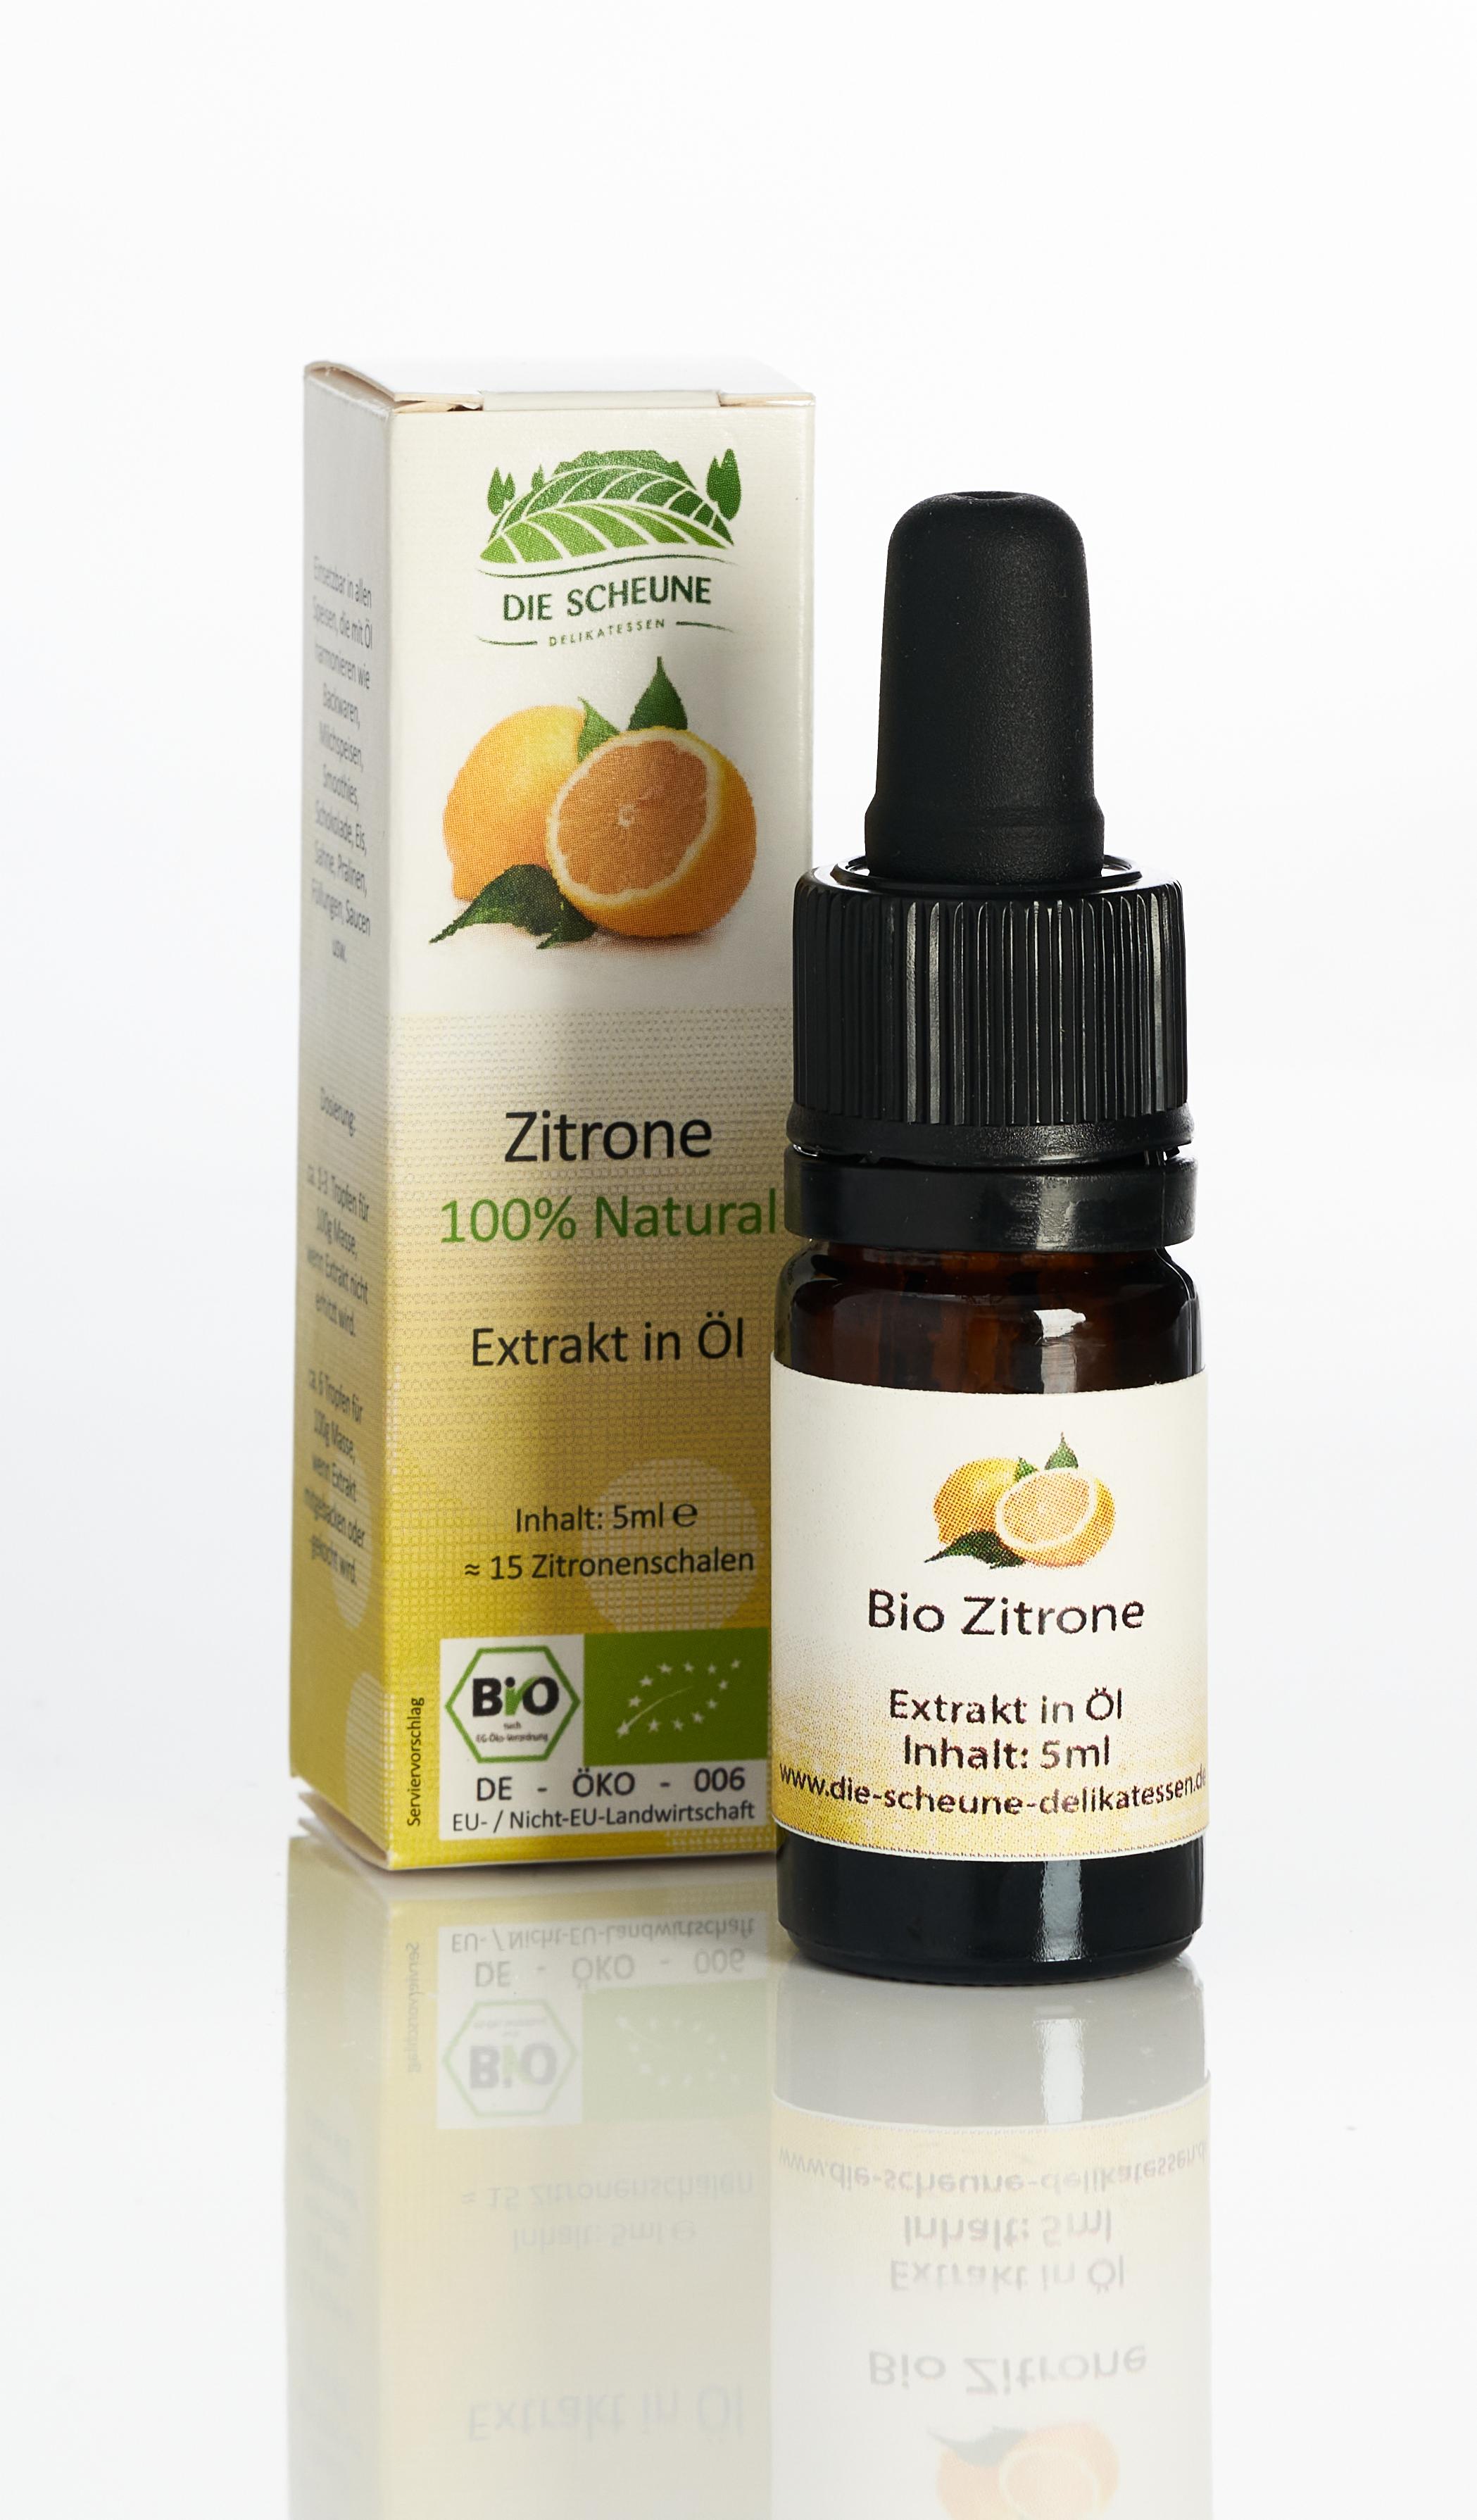 Bio Zitronen Aroma